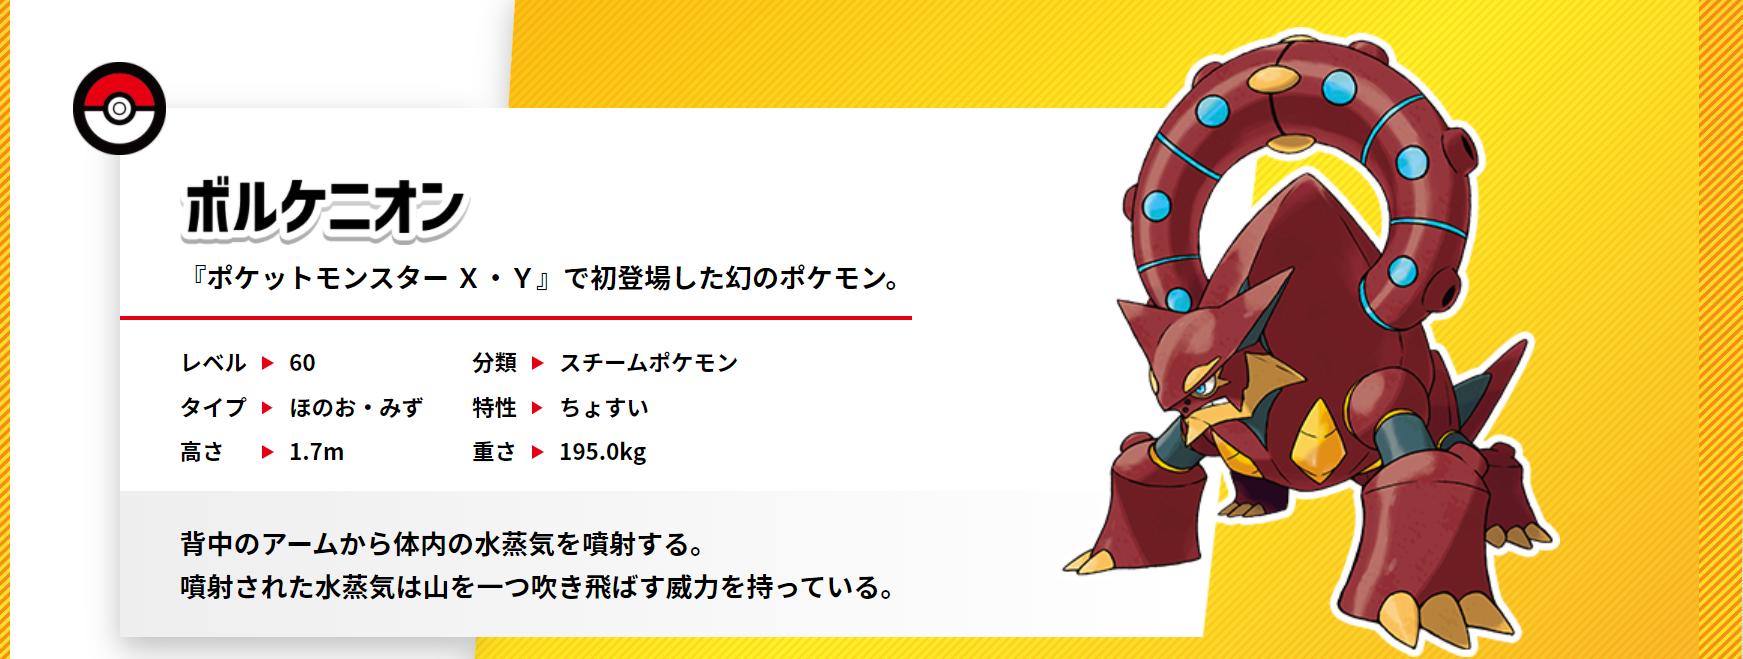 幻 チャレンジ ポケモン の ポケモン ゲット